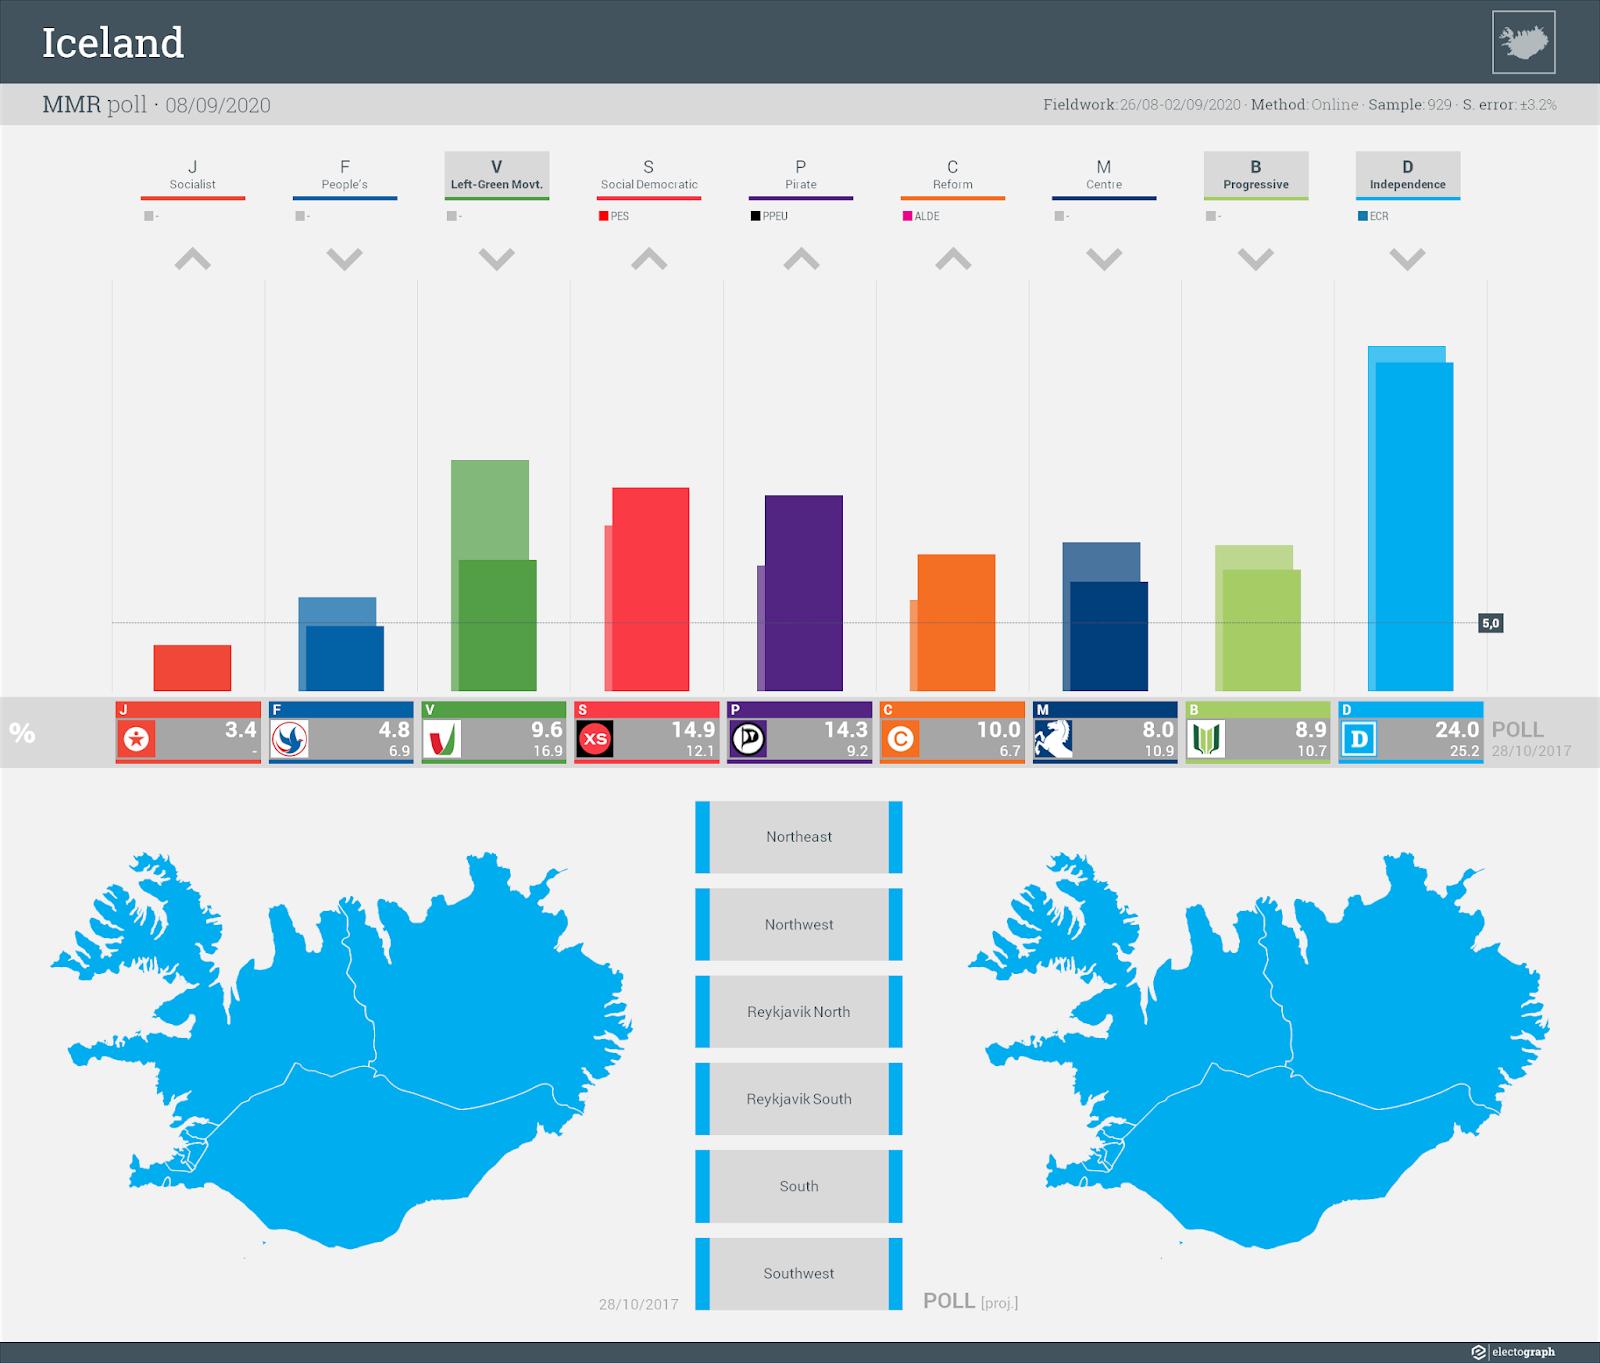 ICELAND: MMR poll chart, 8 September 2020